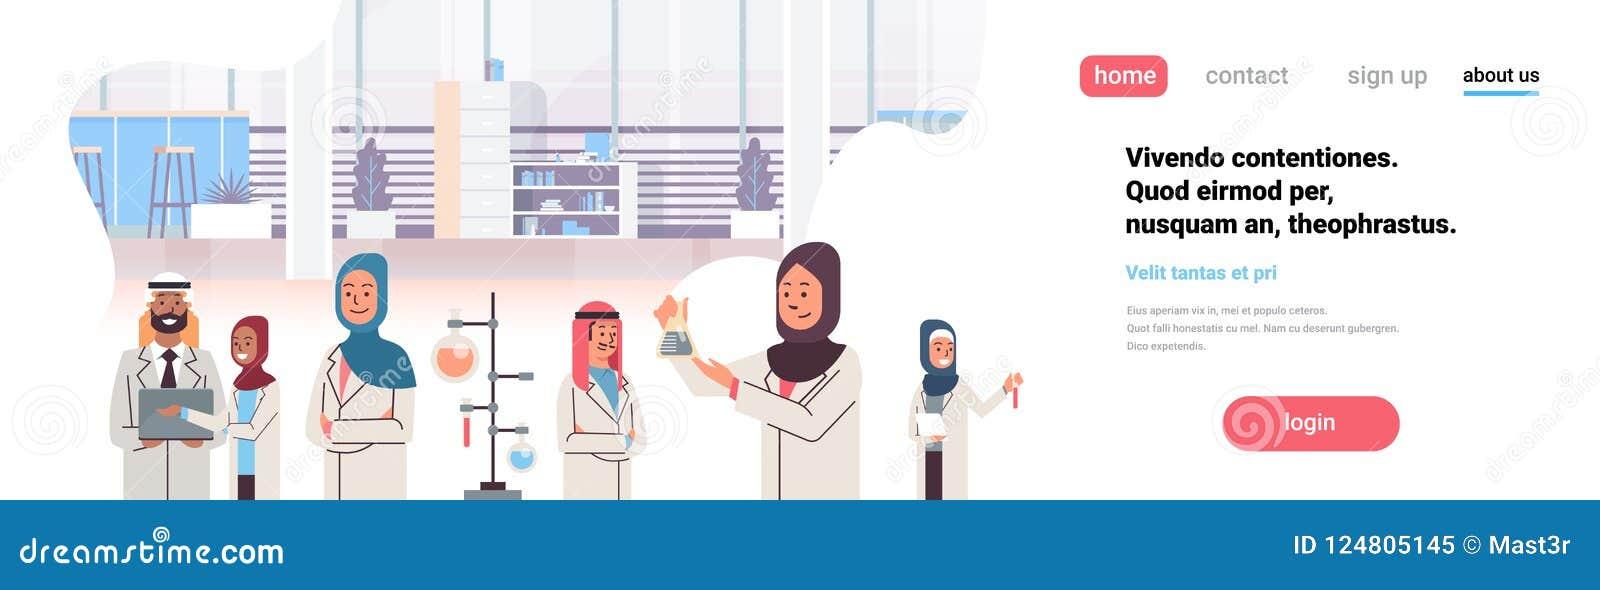 工作实验室的小组阿拉伯科学家做研究试管吸管阿拉伯队学习化学制品实验